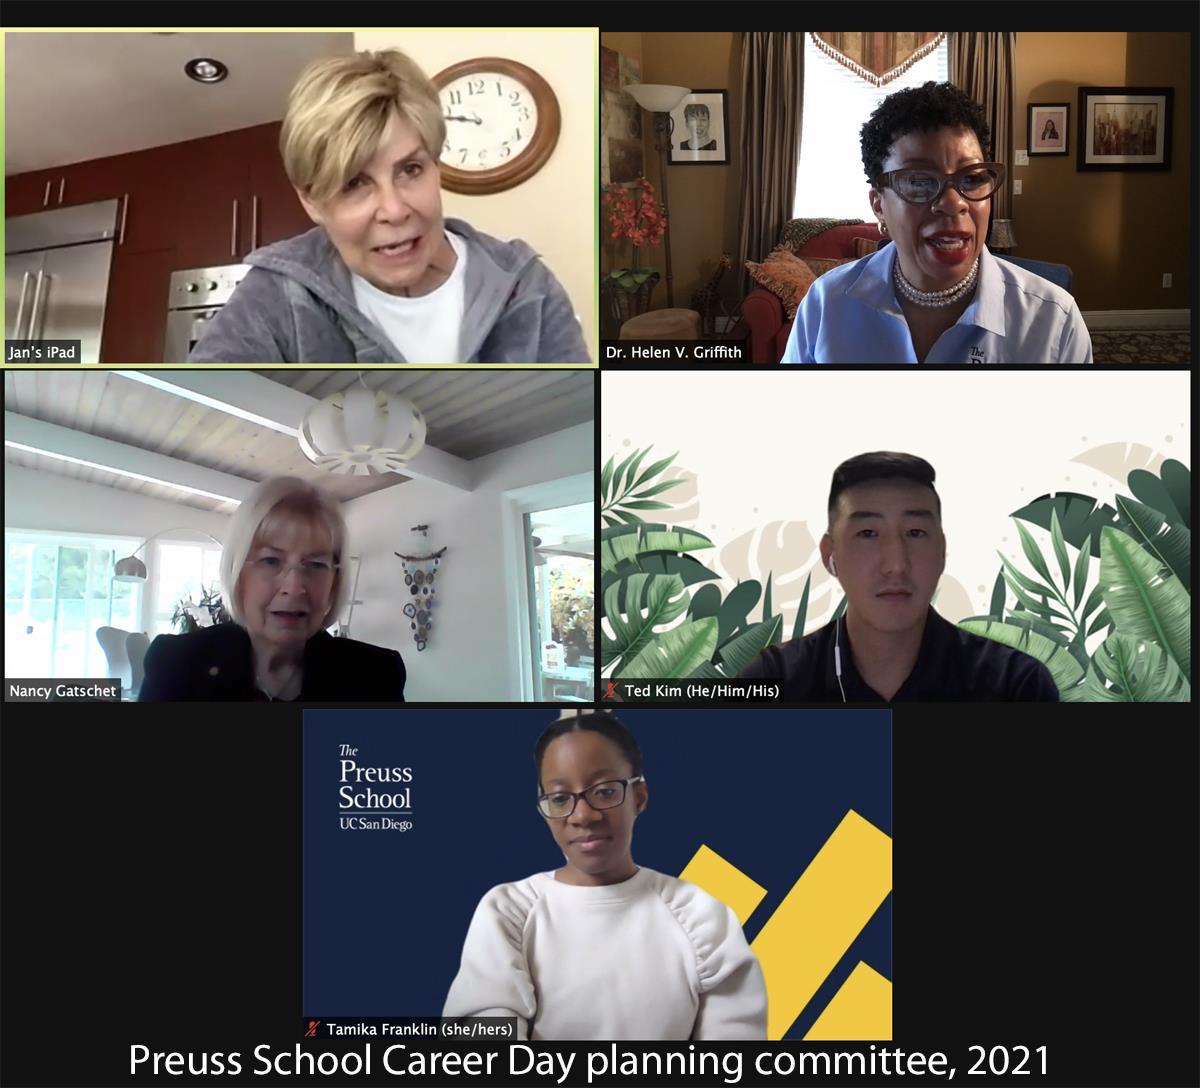 Preuss School Career Day planning committee, 2021